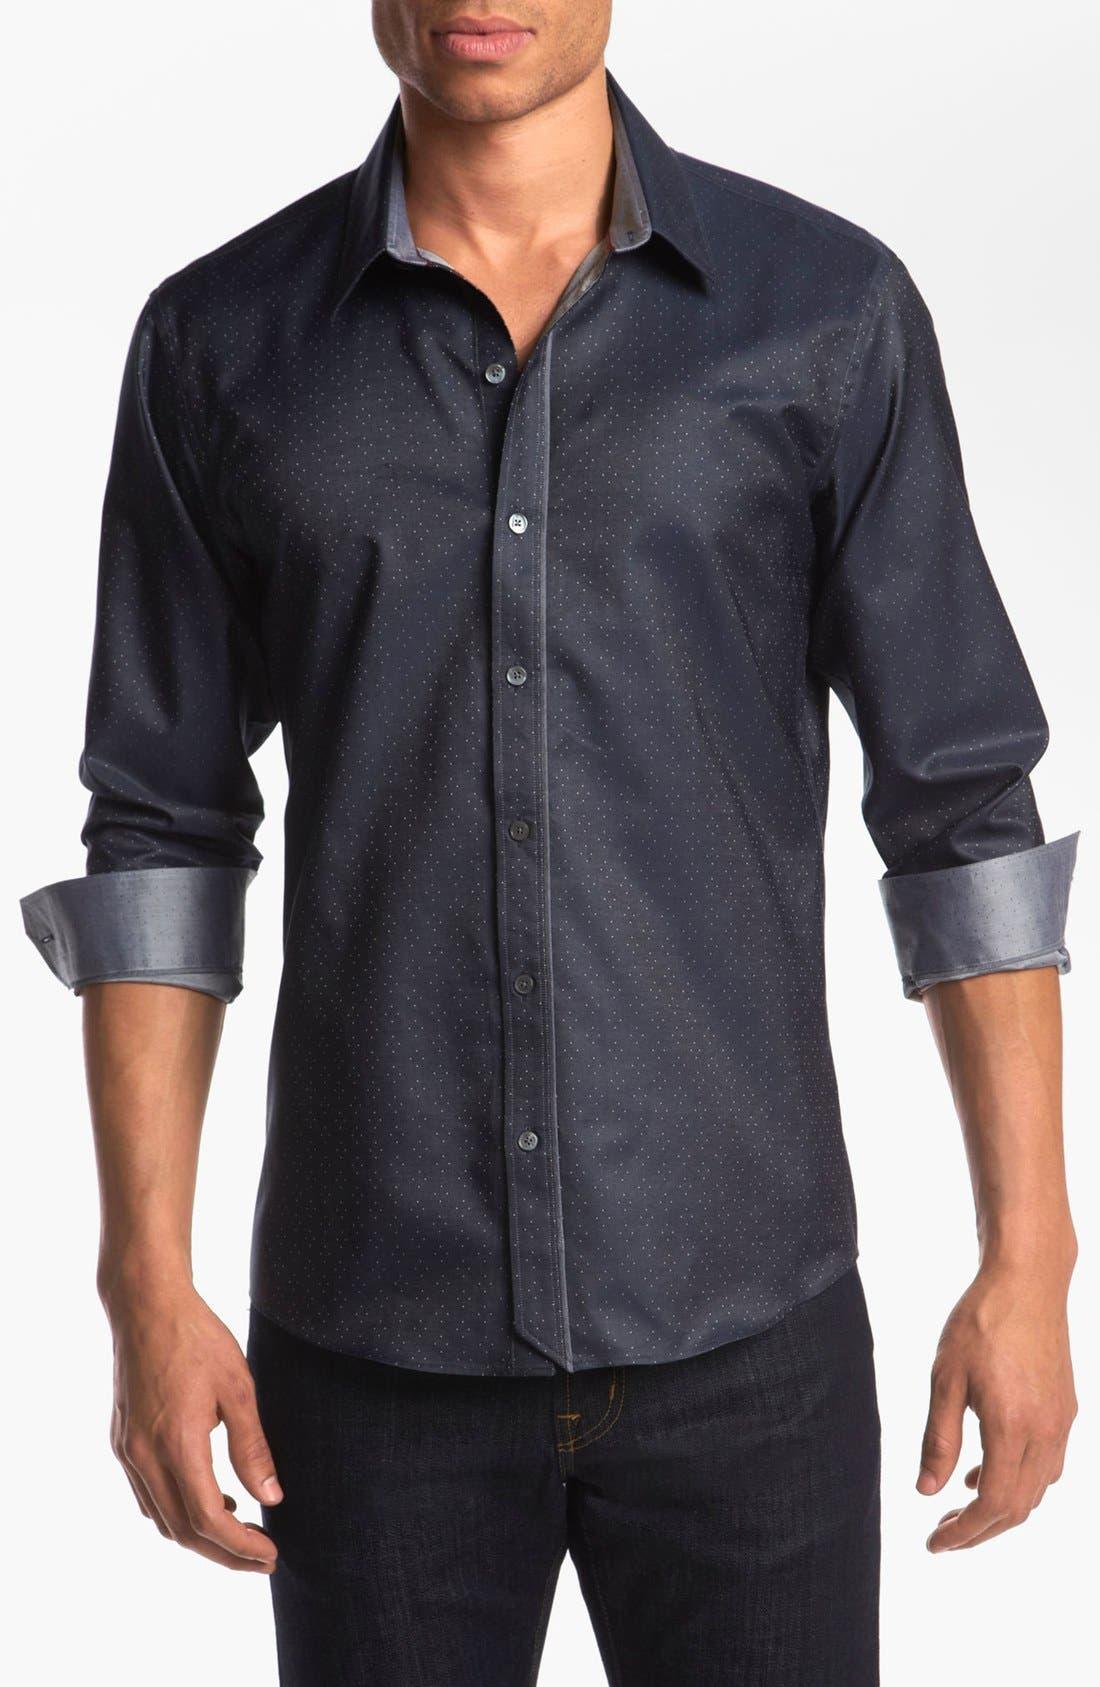 Alternate Image 1 Selected - Kenson 'Vertigo' Sport Shirt